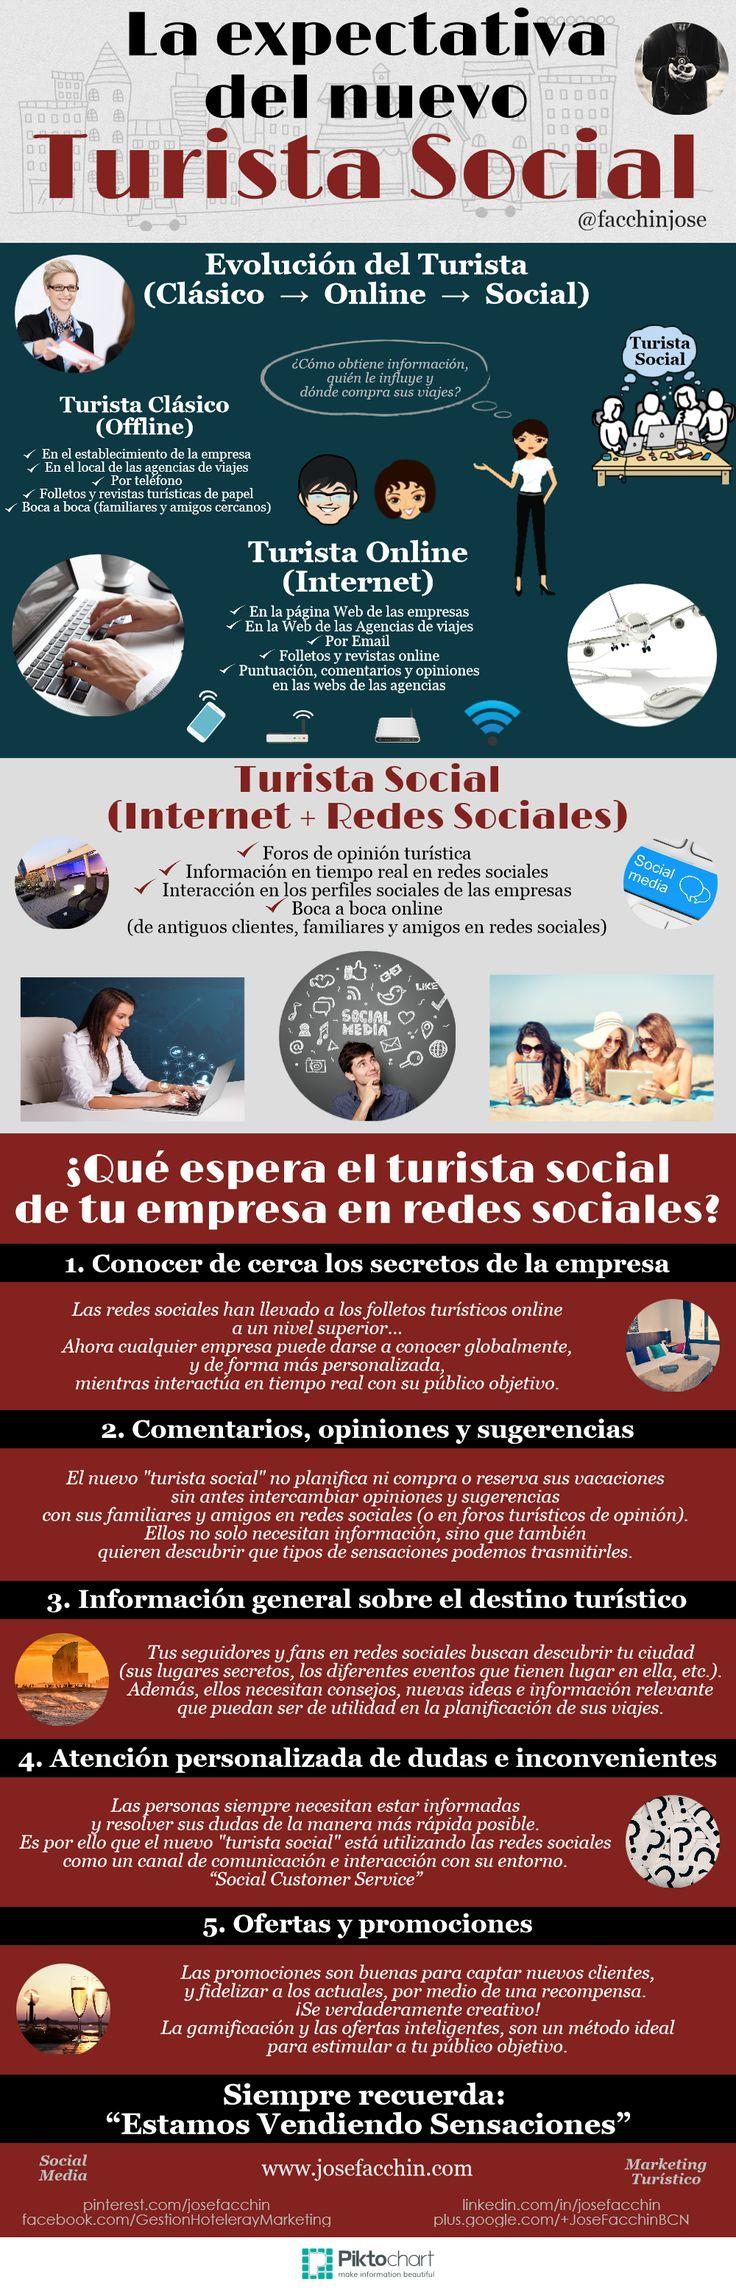 La expectativa del nuevo turista social  #Turismo + #Internet + #SocialMedia